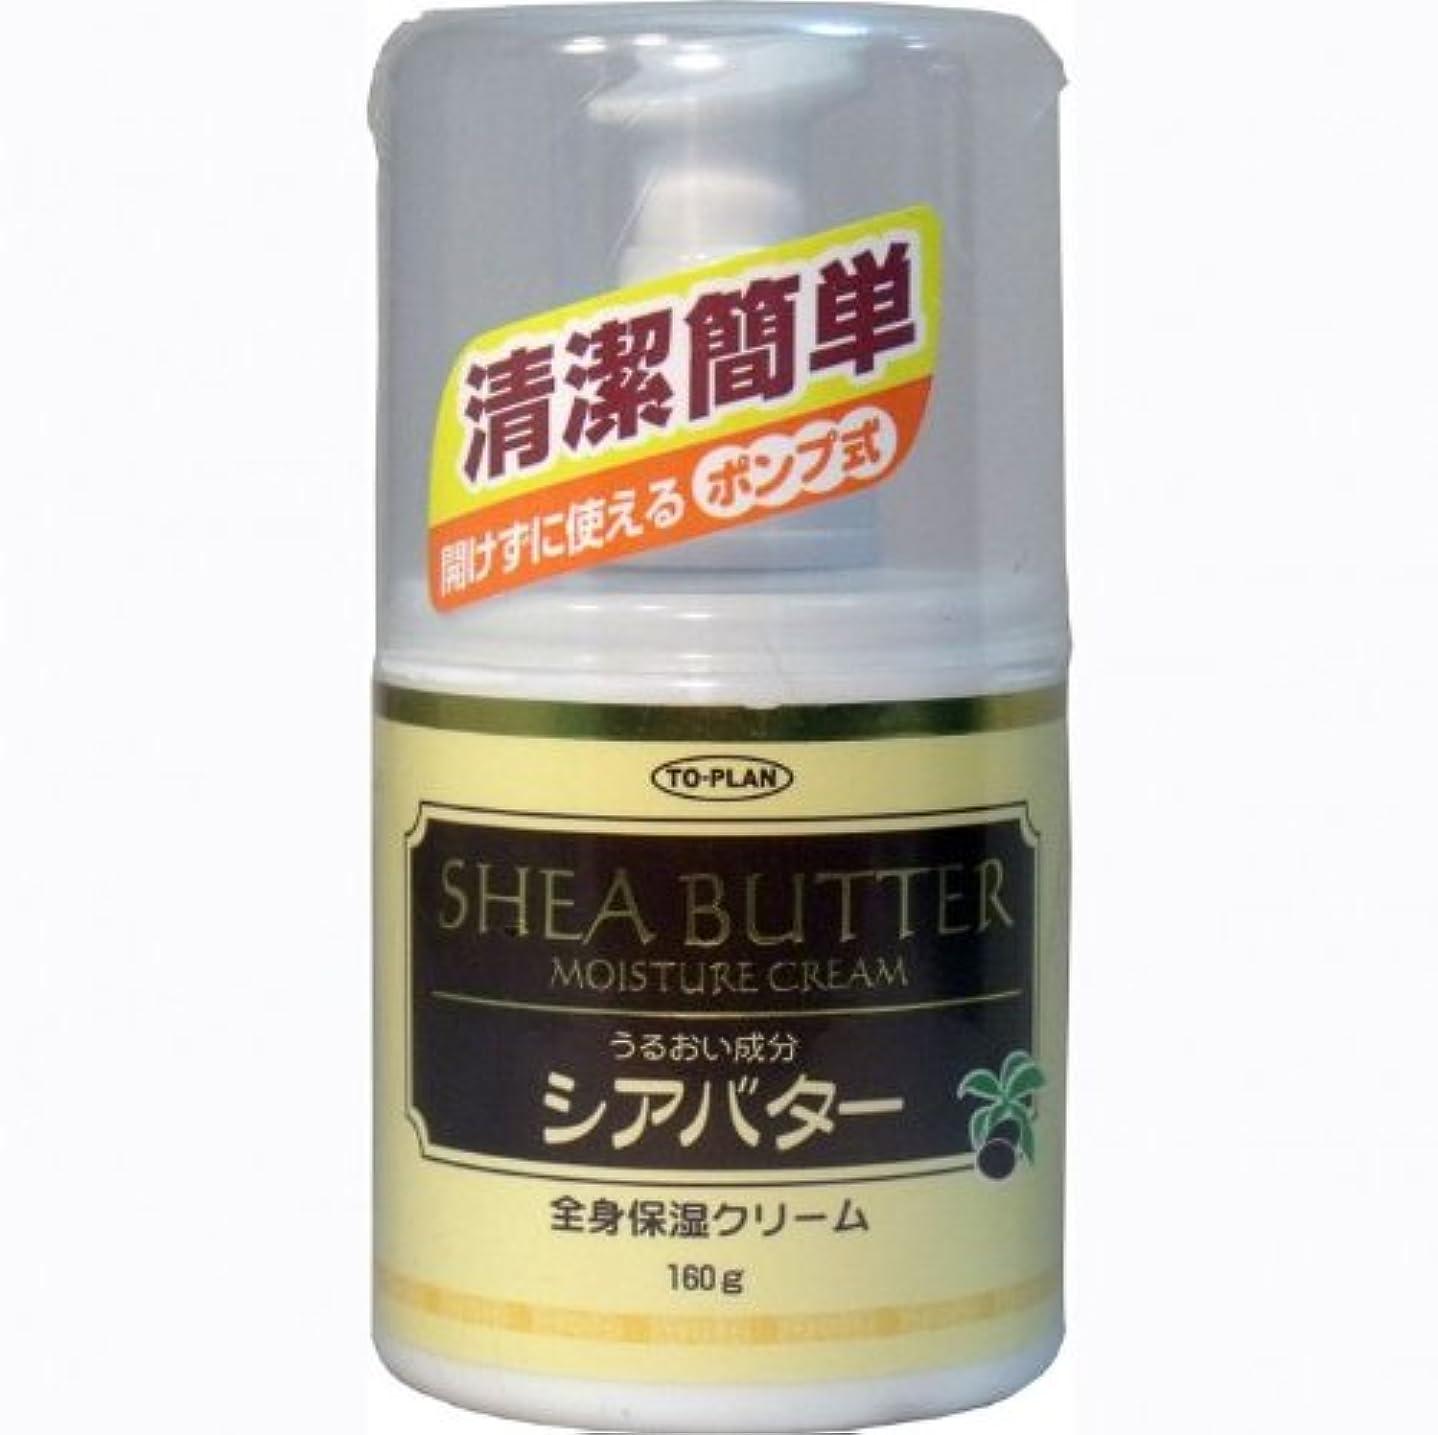 異議豊かな接尾辞トプラン 全身保湿クリーム シアバター ポンプ式 160g【4個セット】